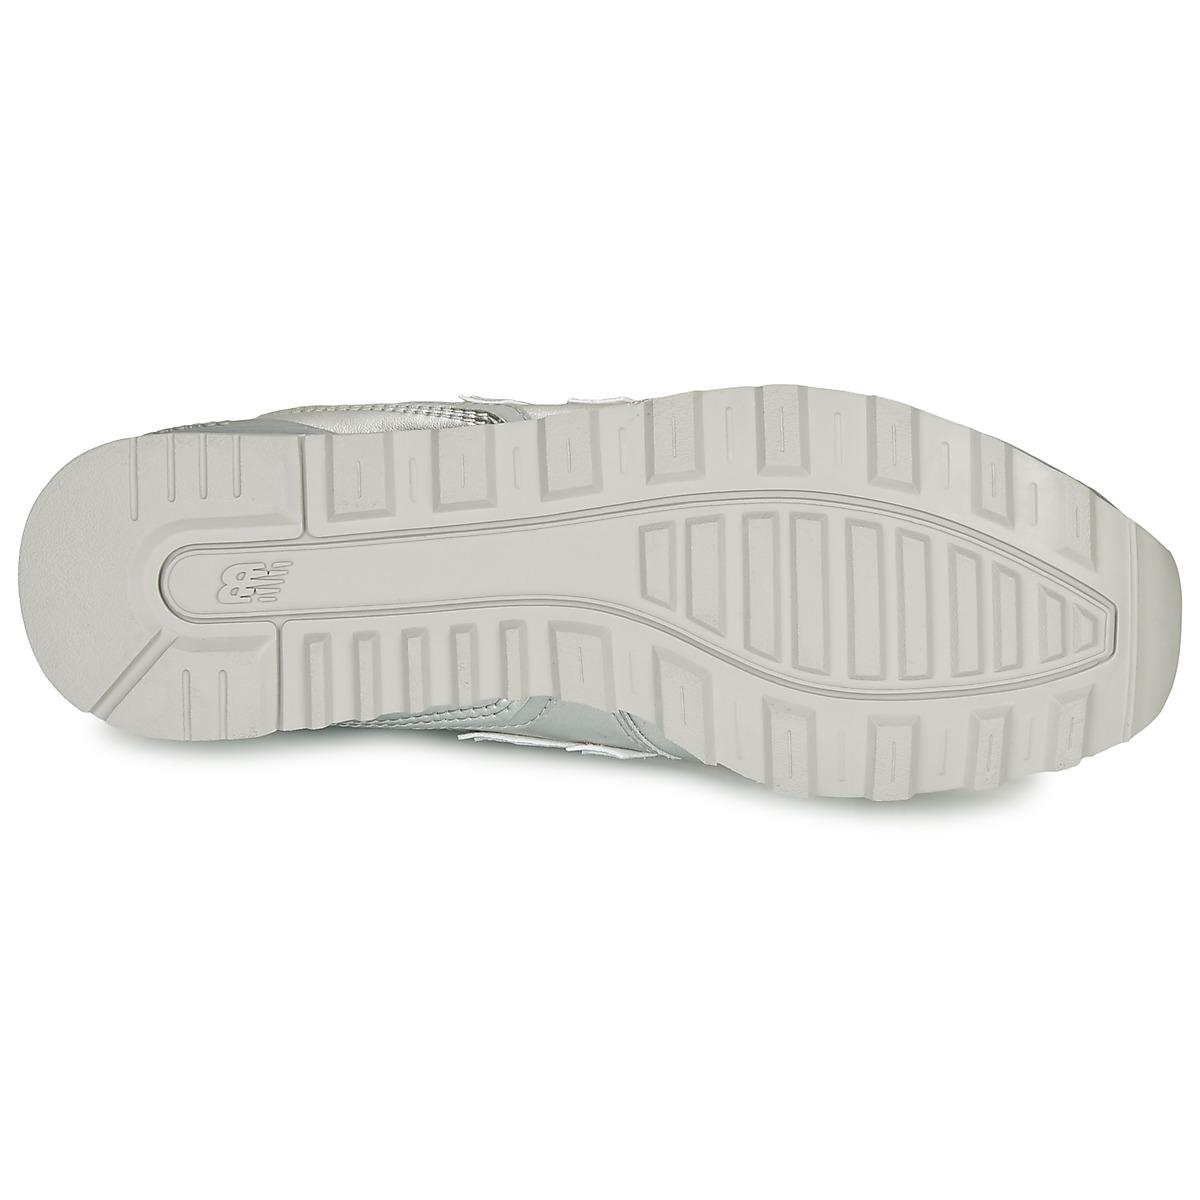 scarpe donna new balance 996